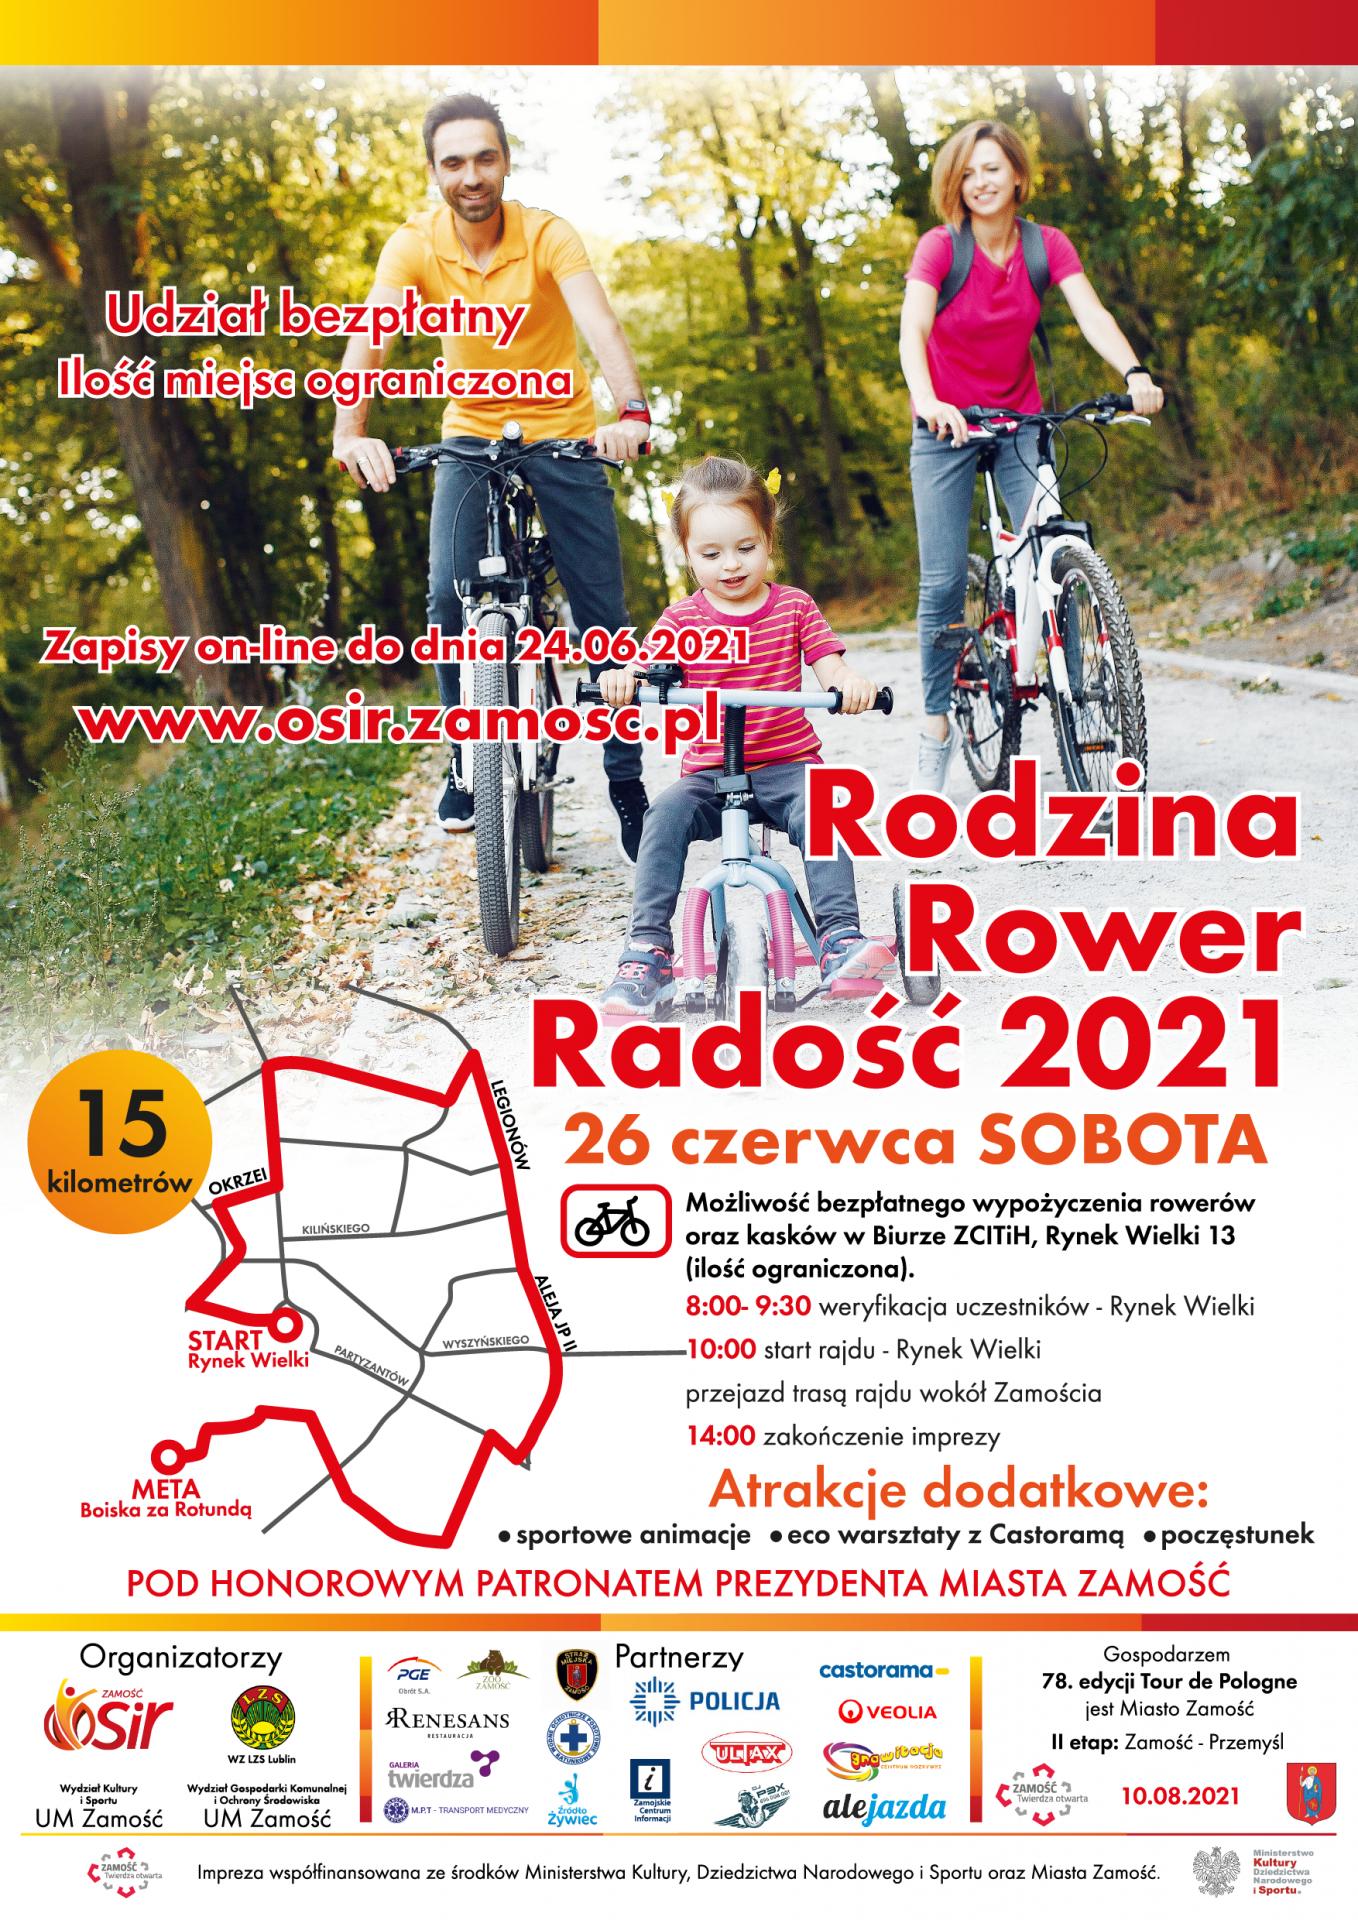 rajd rowerowy rodzina rower radosc OSiR zaprasza na rodzinny wypad rowerowy